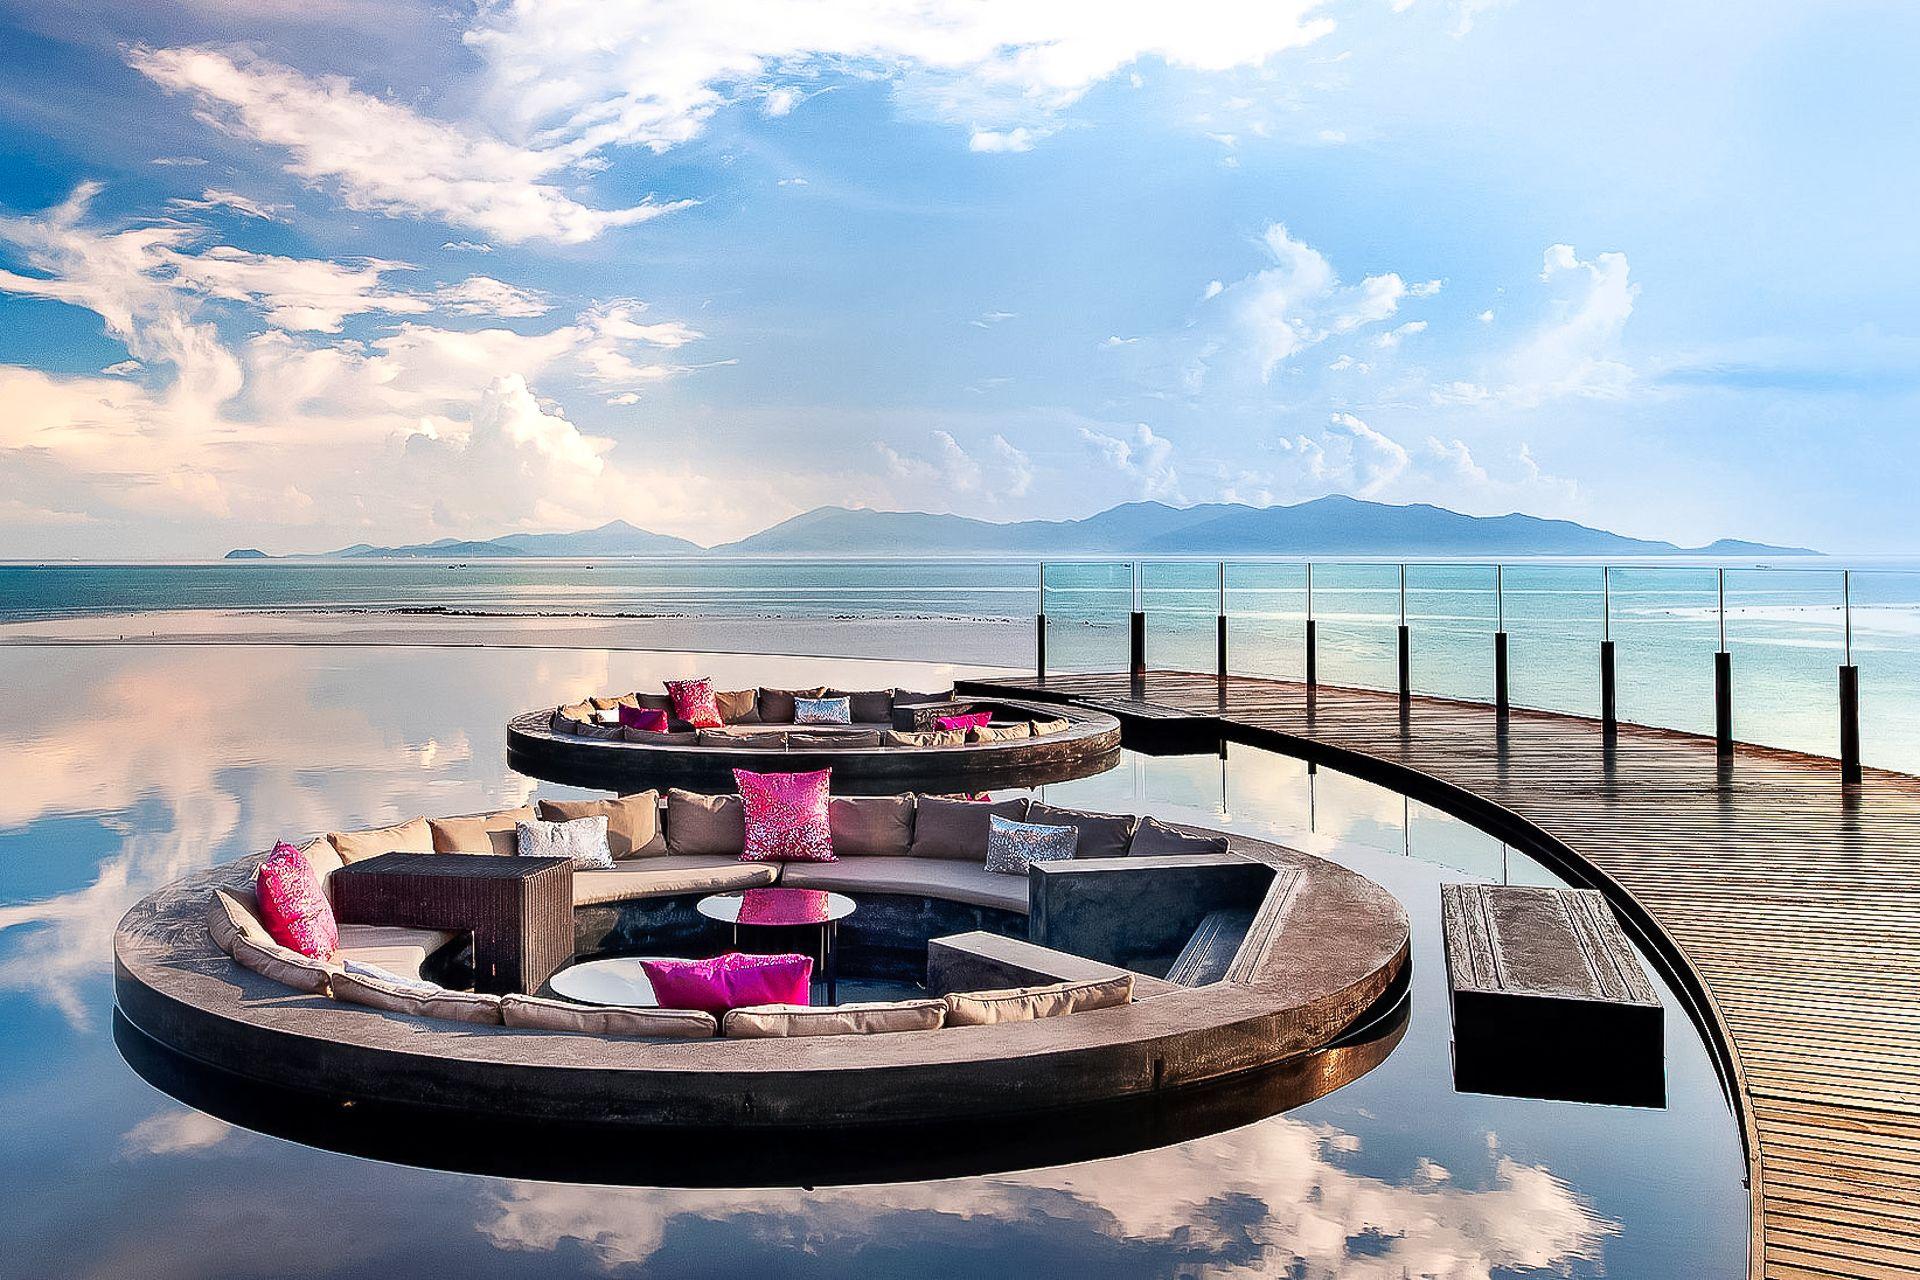 hotel W koh samui, W retreat, Samui hotels, отель W на Самуи, интересные места на Самуи, отели Самуи, что выбрать, цены